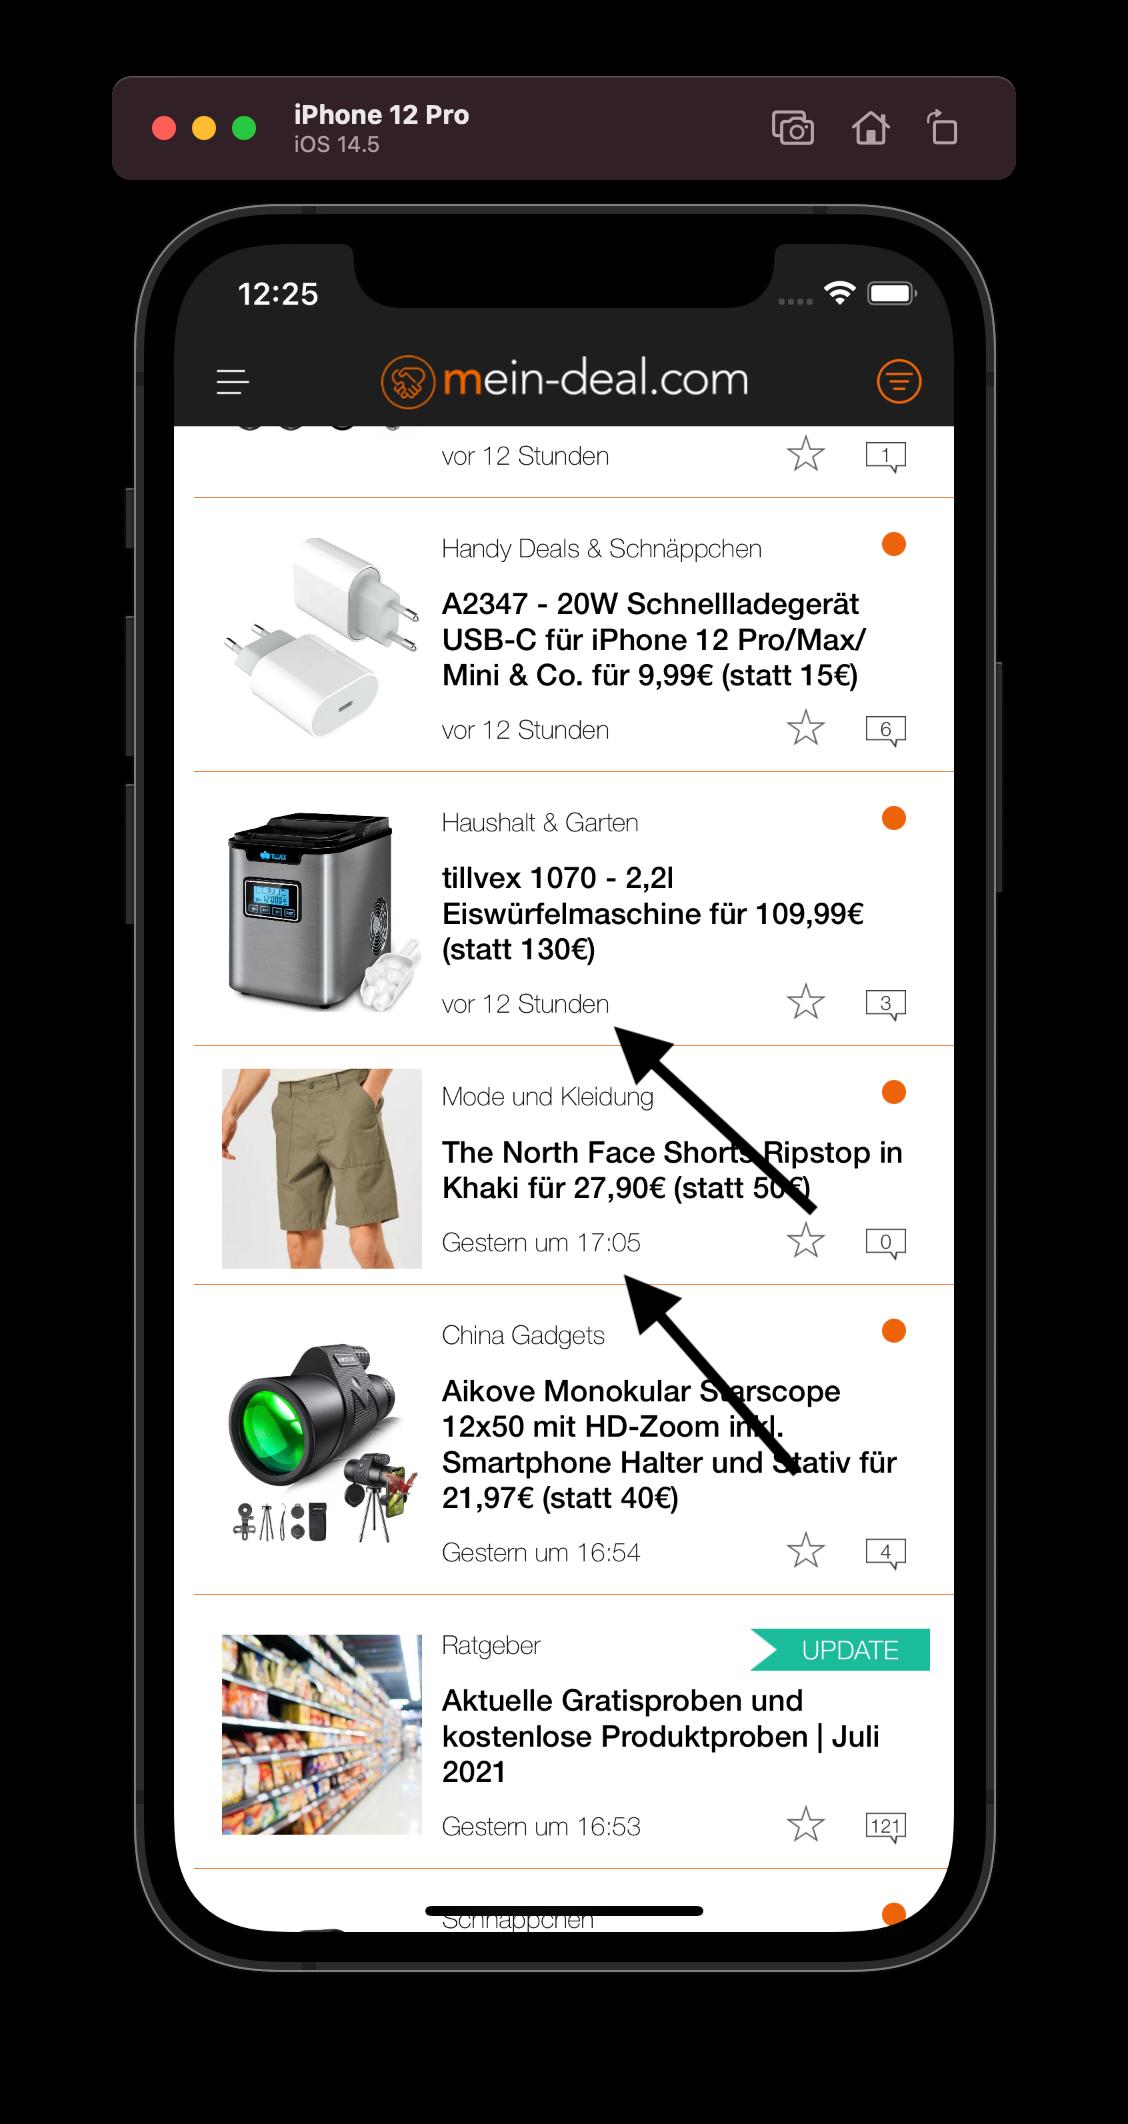 WICHTIG: Feedback von iOS Usern   Mein Deal iOS APP Fehler  ⭐WICHTIGES UPDATE #3 vom 22.07.21   App Update eingereicht⭐